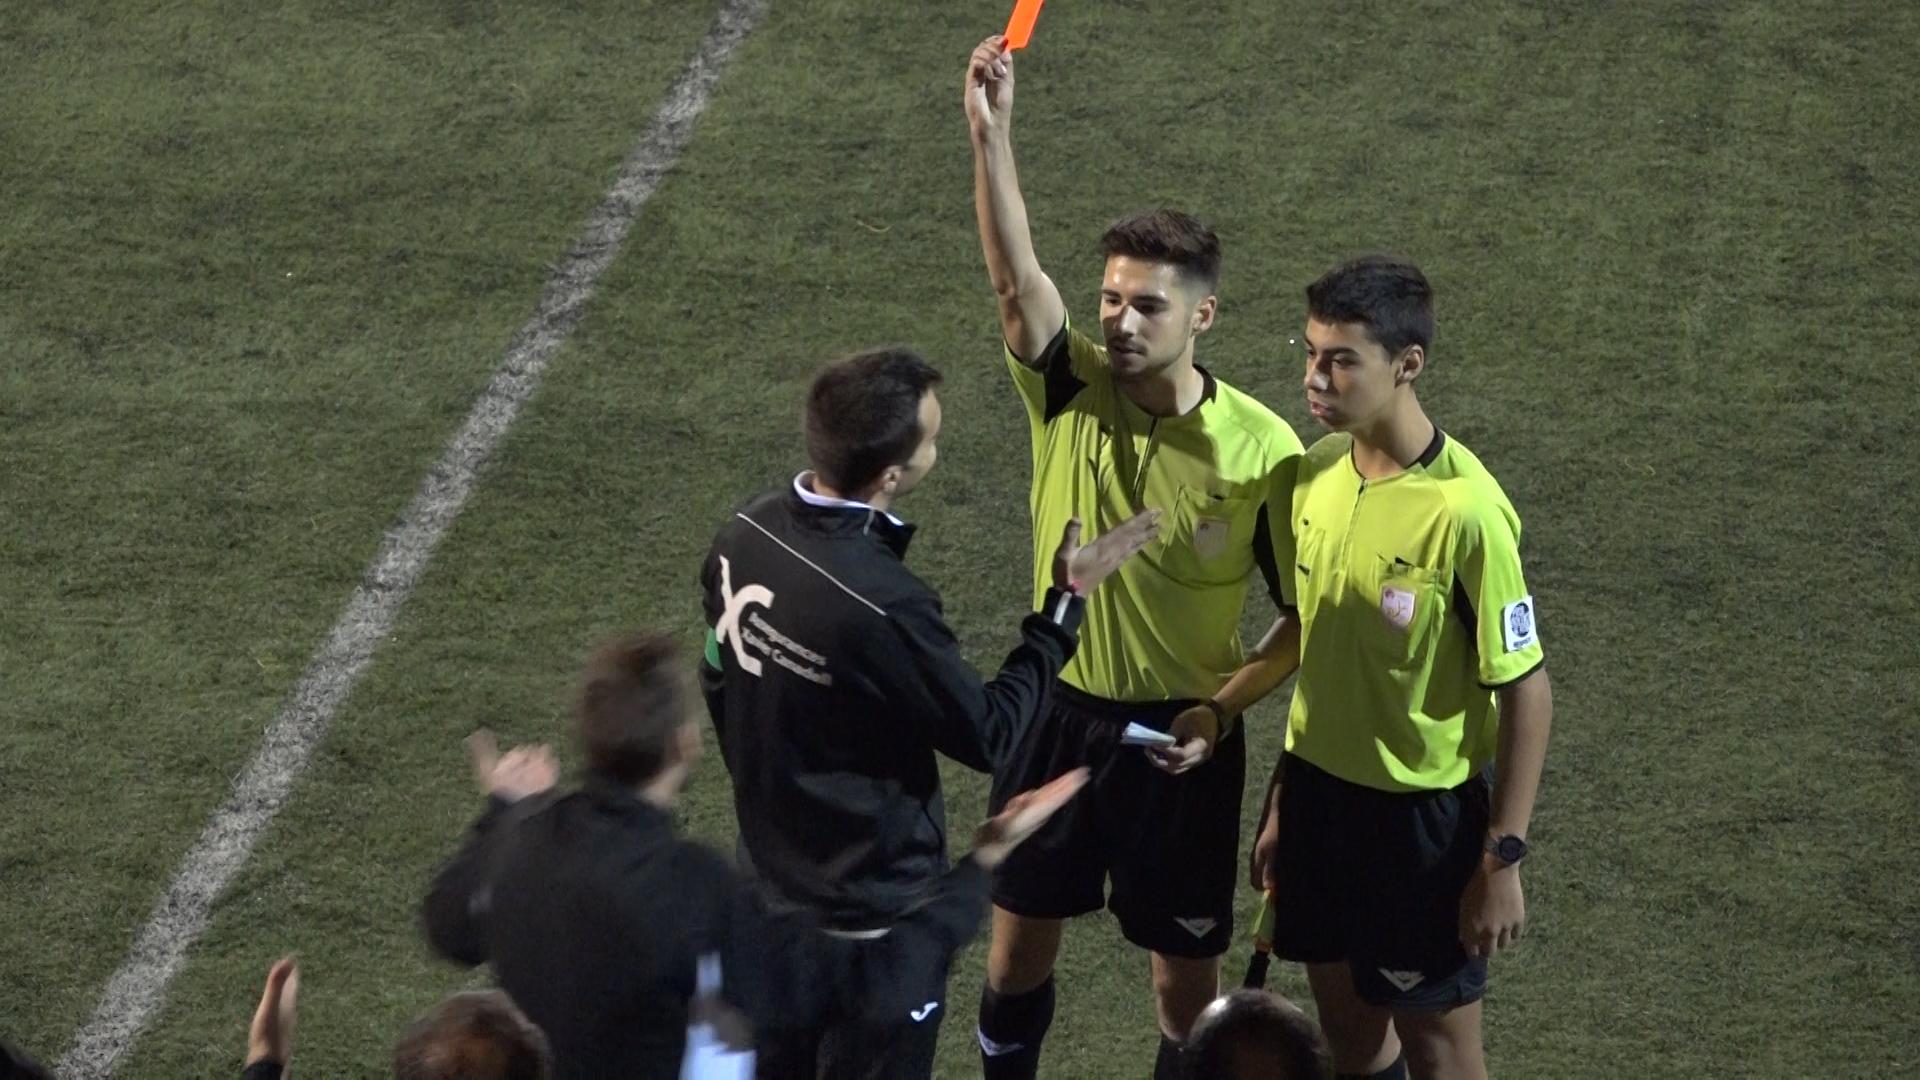 FC Borges-UE Valls.00_05_46_12.Imagen fija002